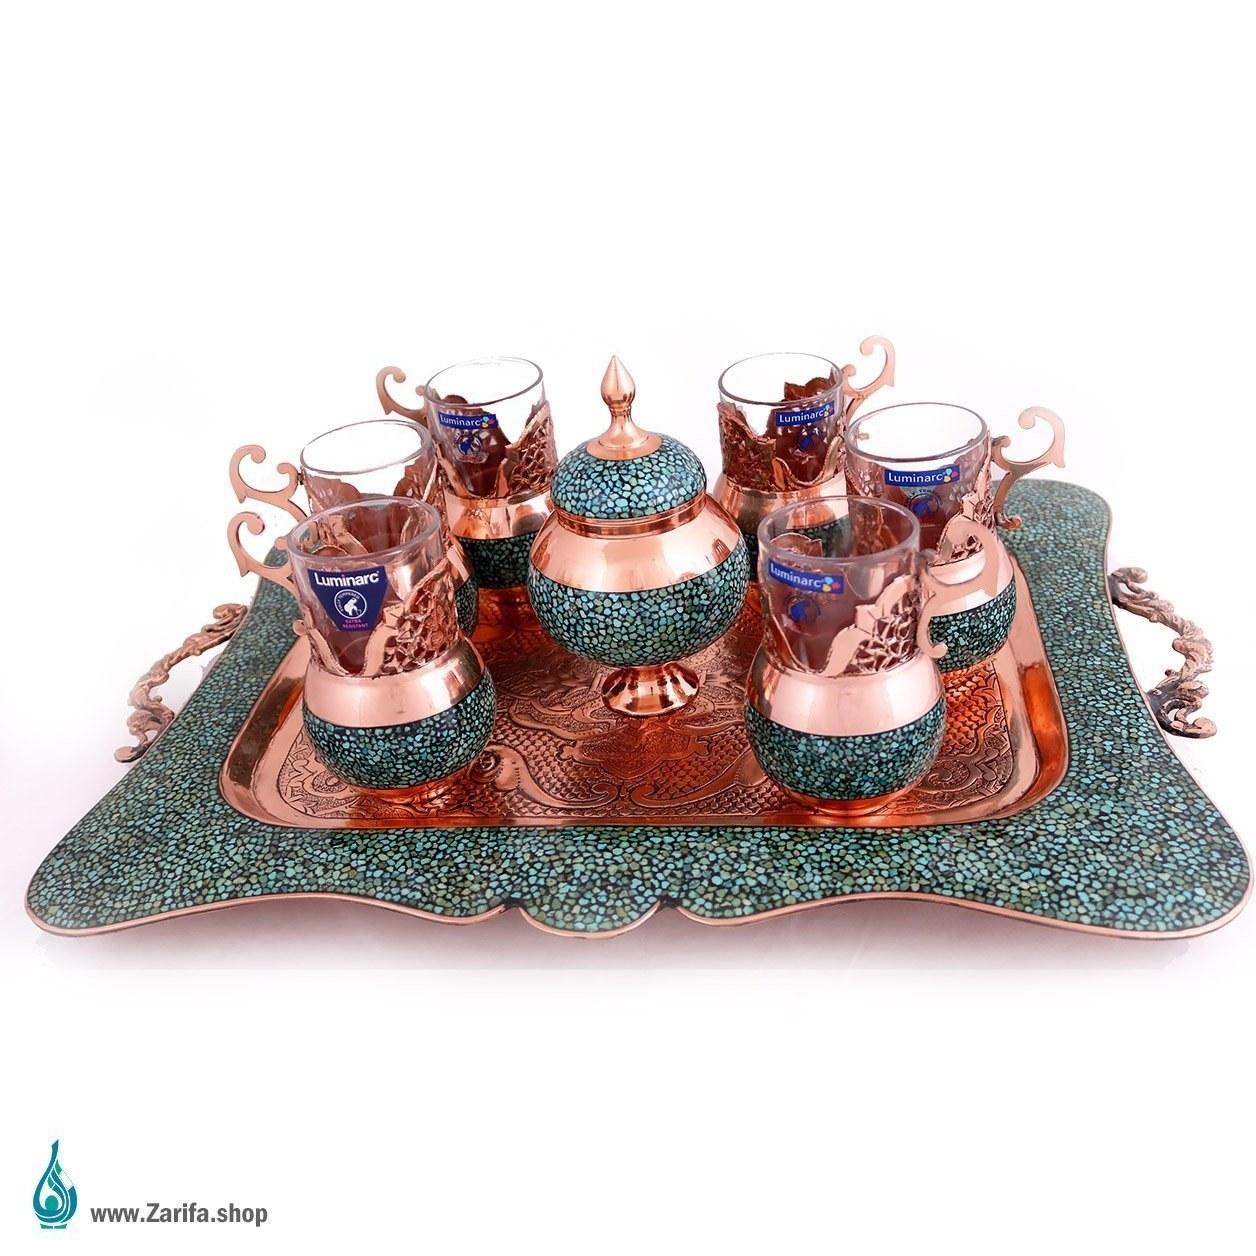 تصویر سرویس چای خوری فیروزه کوب – مس و فیروزه نیشابور ۸ پارچه